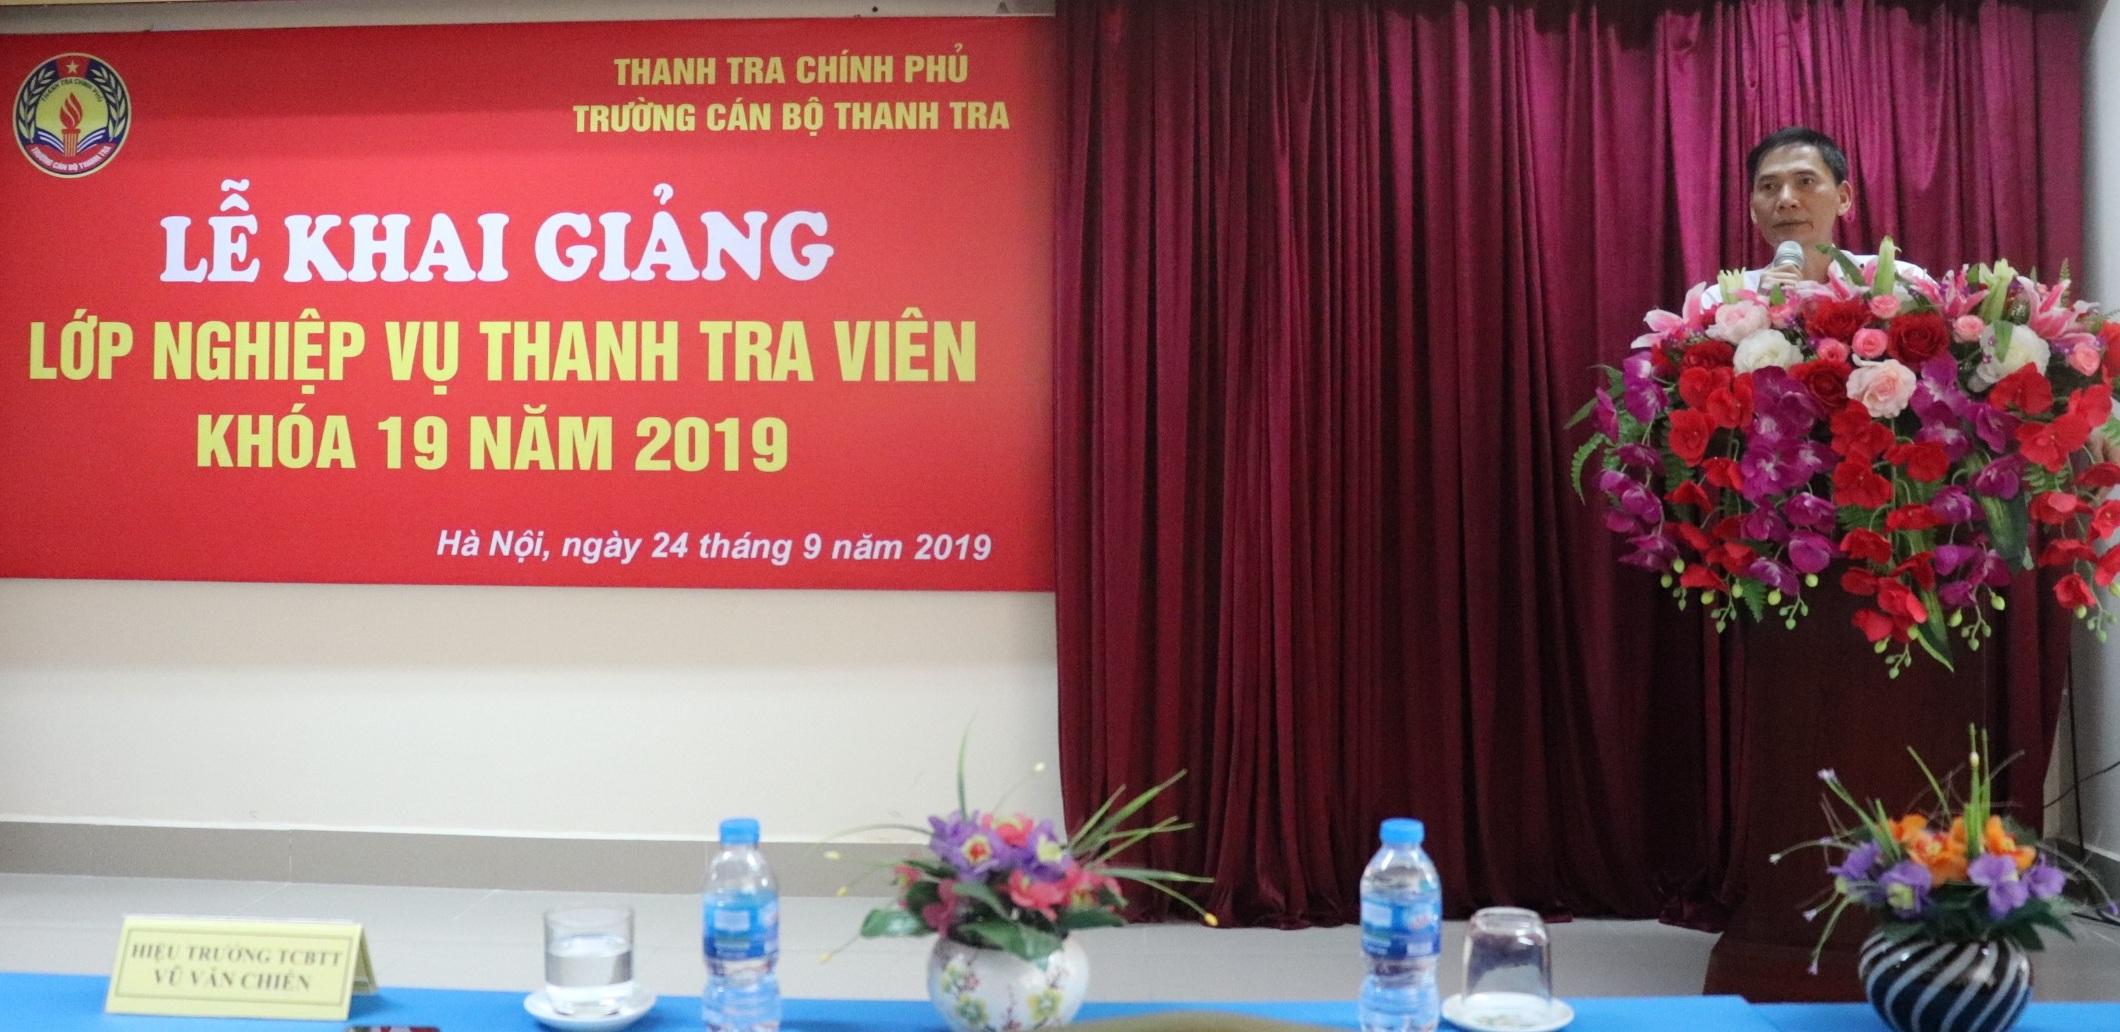 Ông Vũ Văn Chiến HT Trg CBTT phát biểu tại Lễ Khai giảng